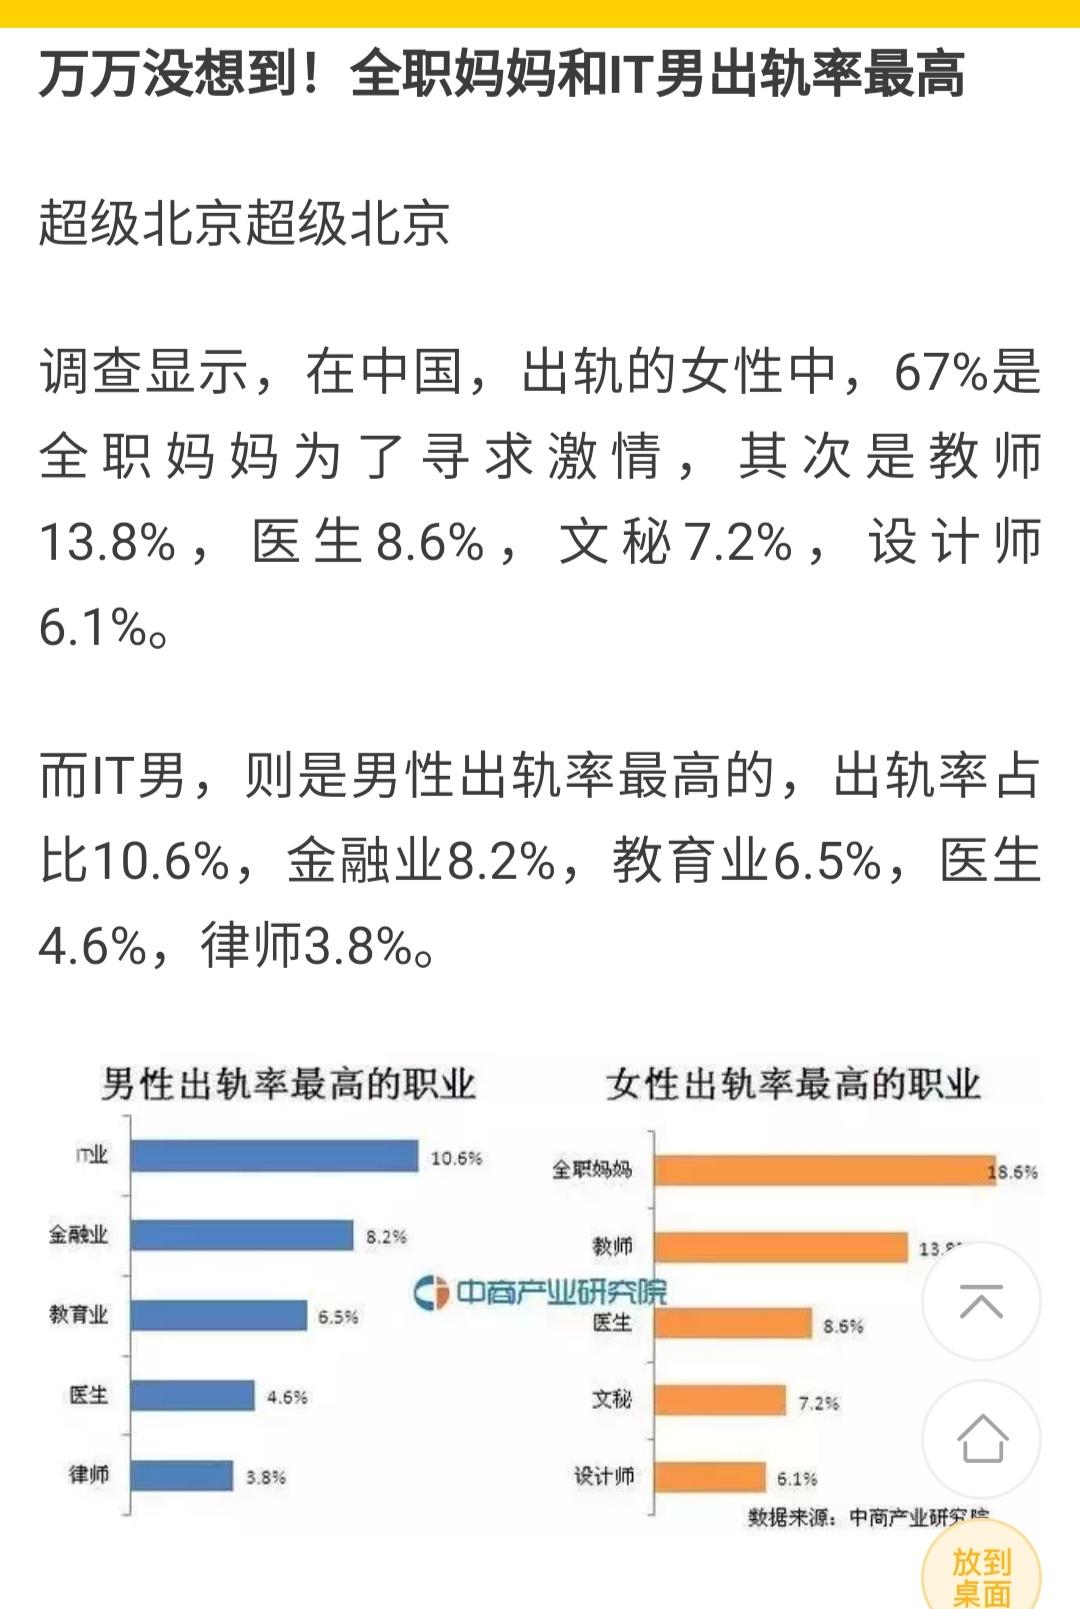 中国出轨率_中国女人出轨率是多少_中国出轨率